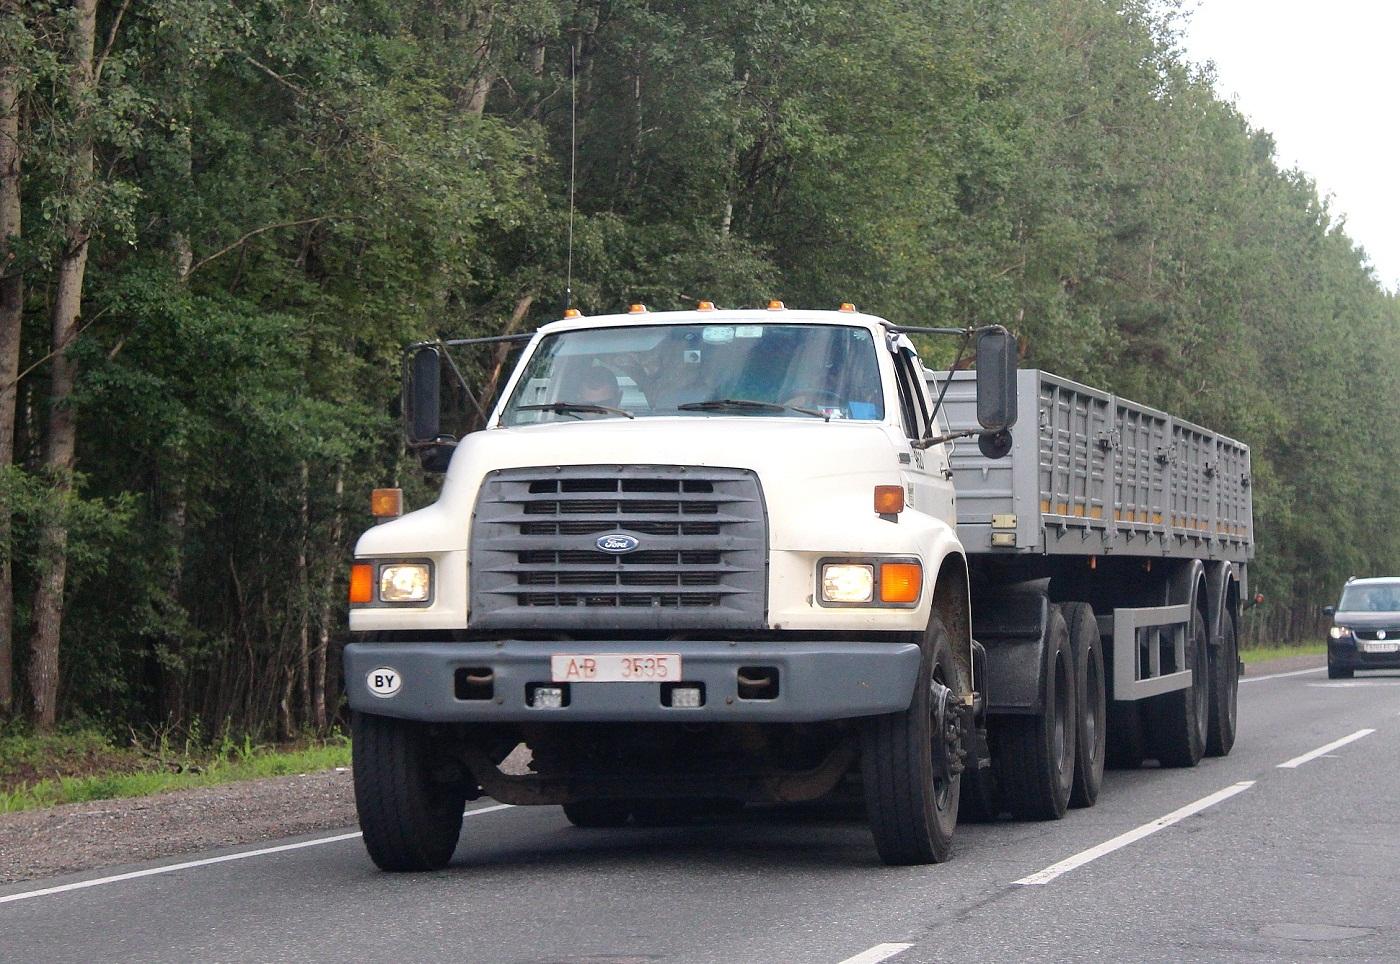 Седельный тягач Ford F-800 #AВ 3535. Псков, Ленинградское шоссе